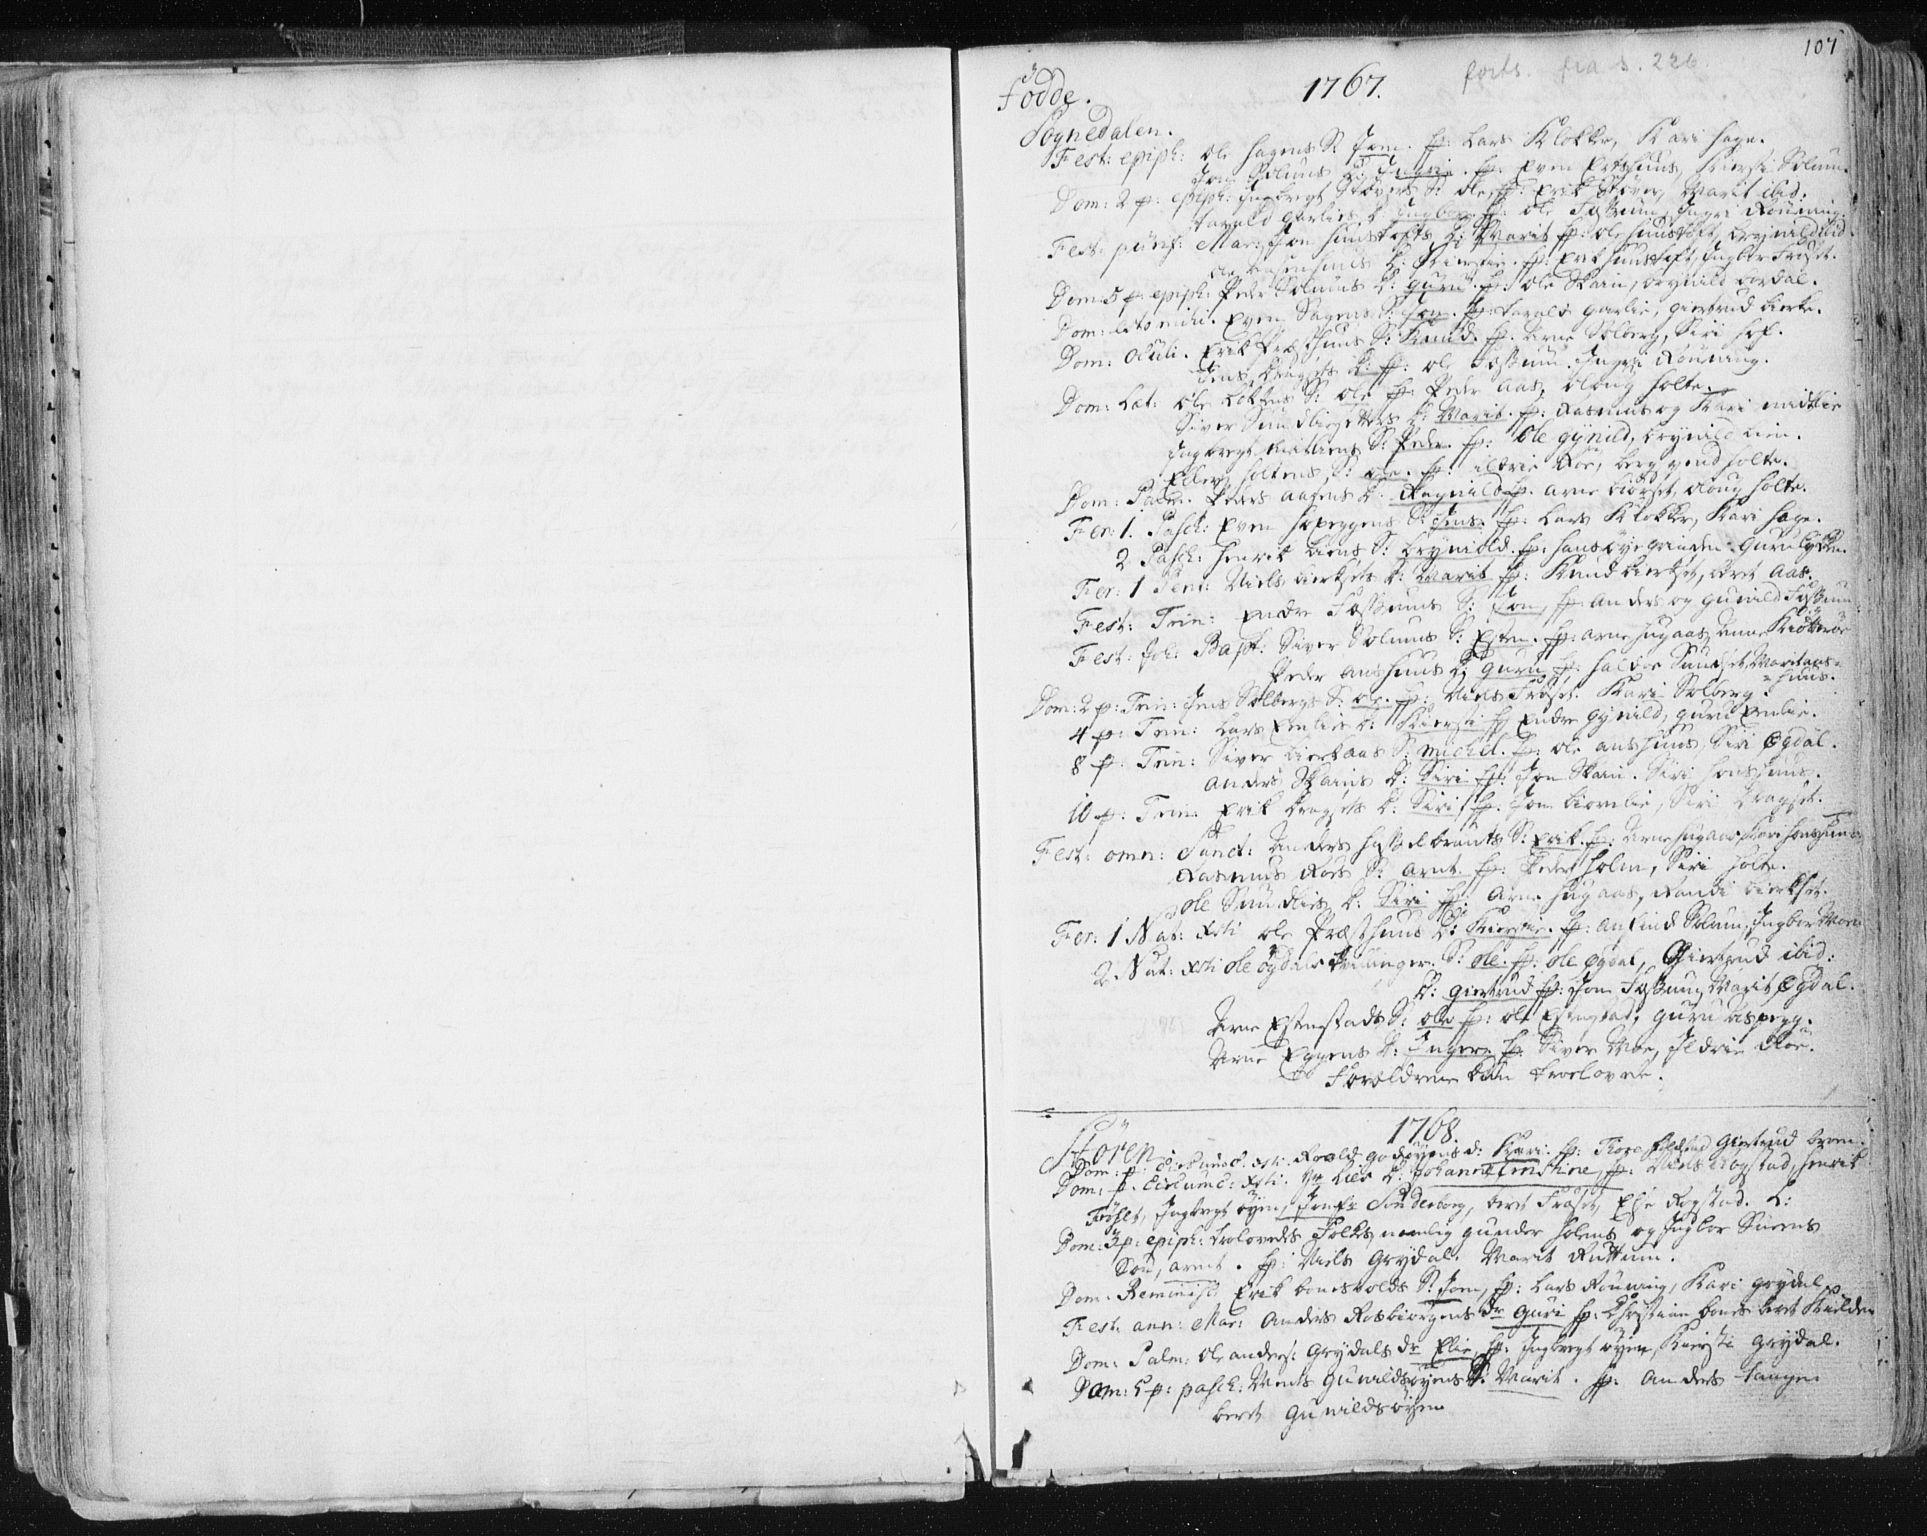 SAT, Ministerialprotokoller, klokkerbøker og fødselsregistre - Sør-Trøndelag, 687/L0991: Ministerialbok nr. 687A02, 1747-1790, s. 107